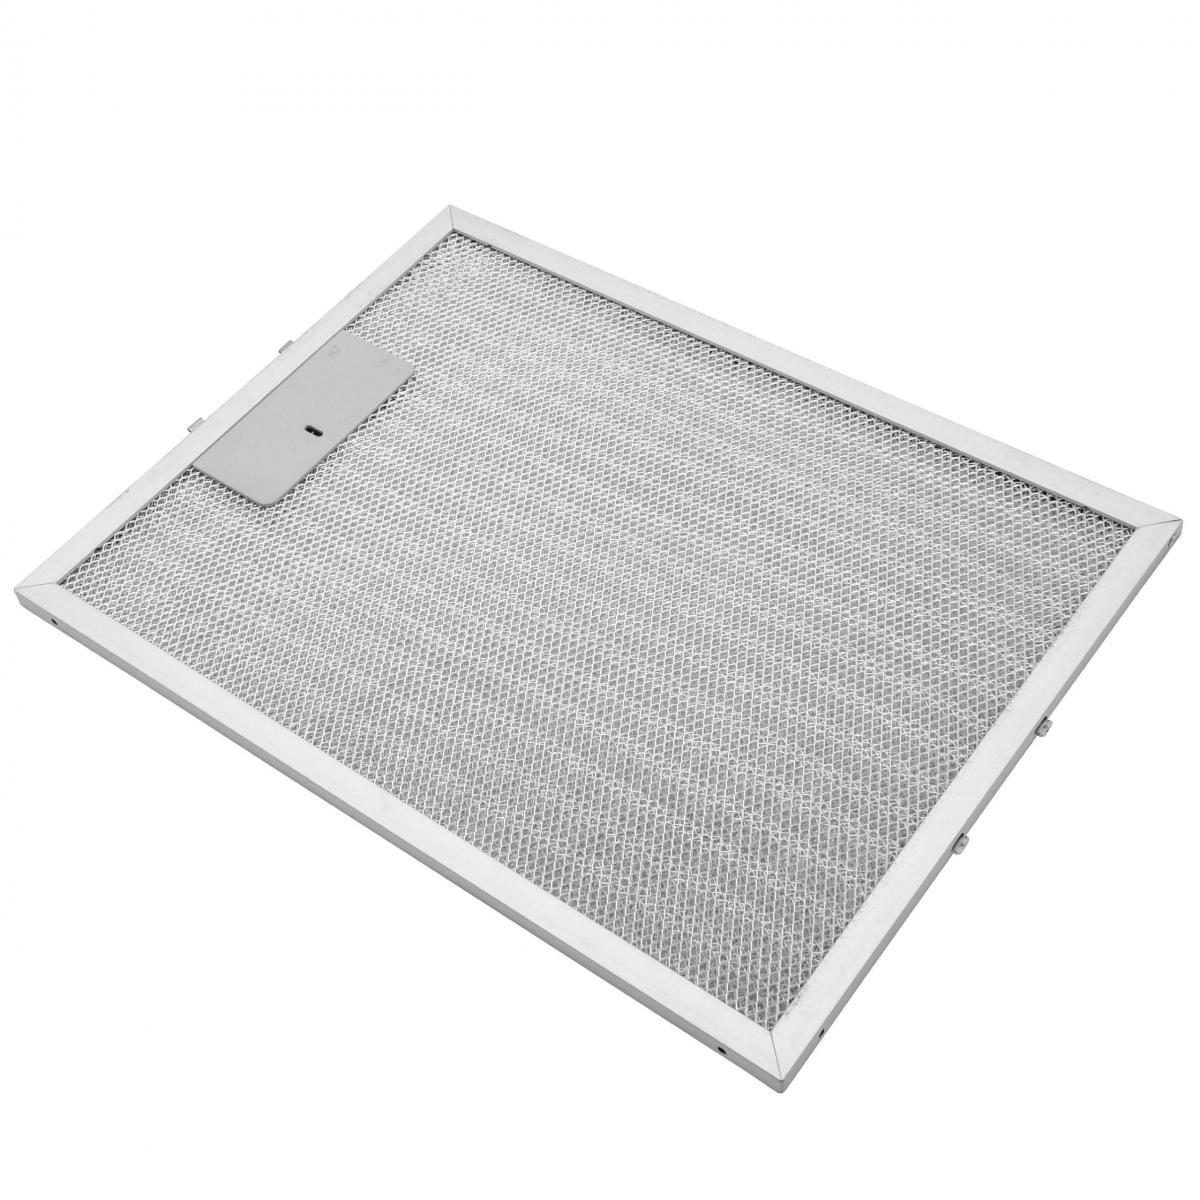 Vhbw vhbw Filtrepermanent filtre à graisse métallique 32,8 x 24,7 x 0,9 cm convient pour Alno AEF3650N 94264092900 hottes de